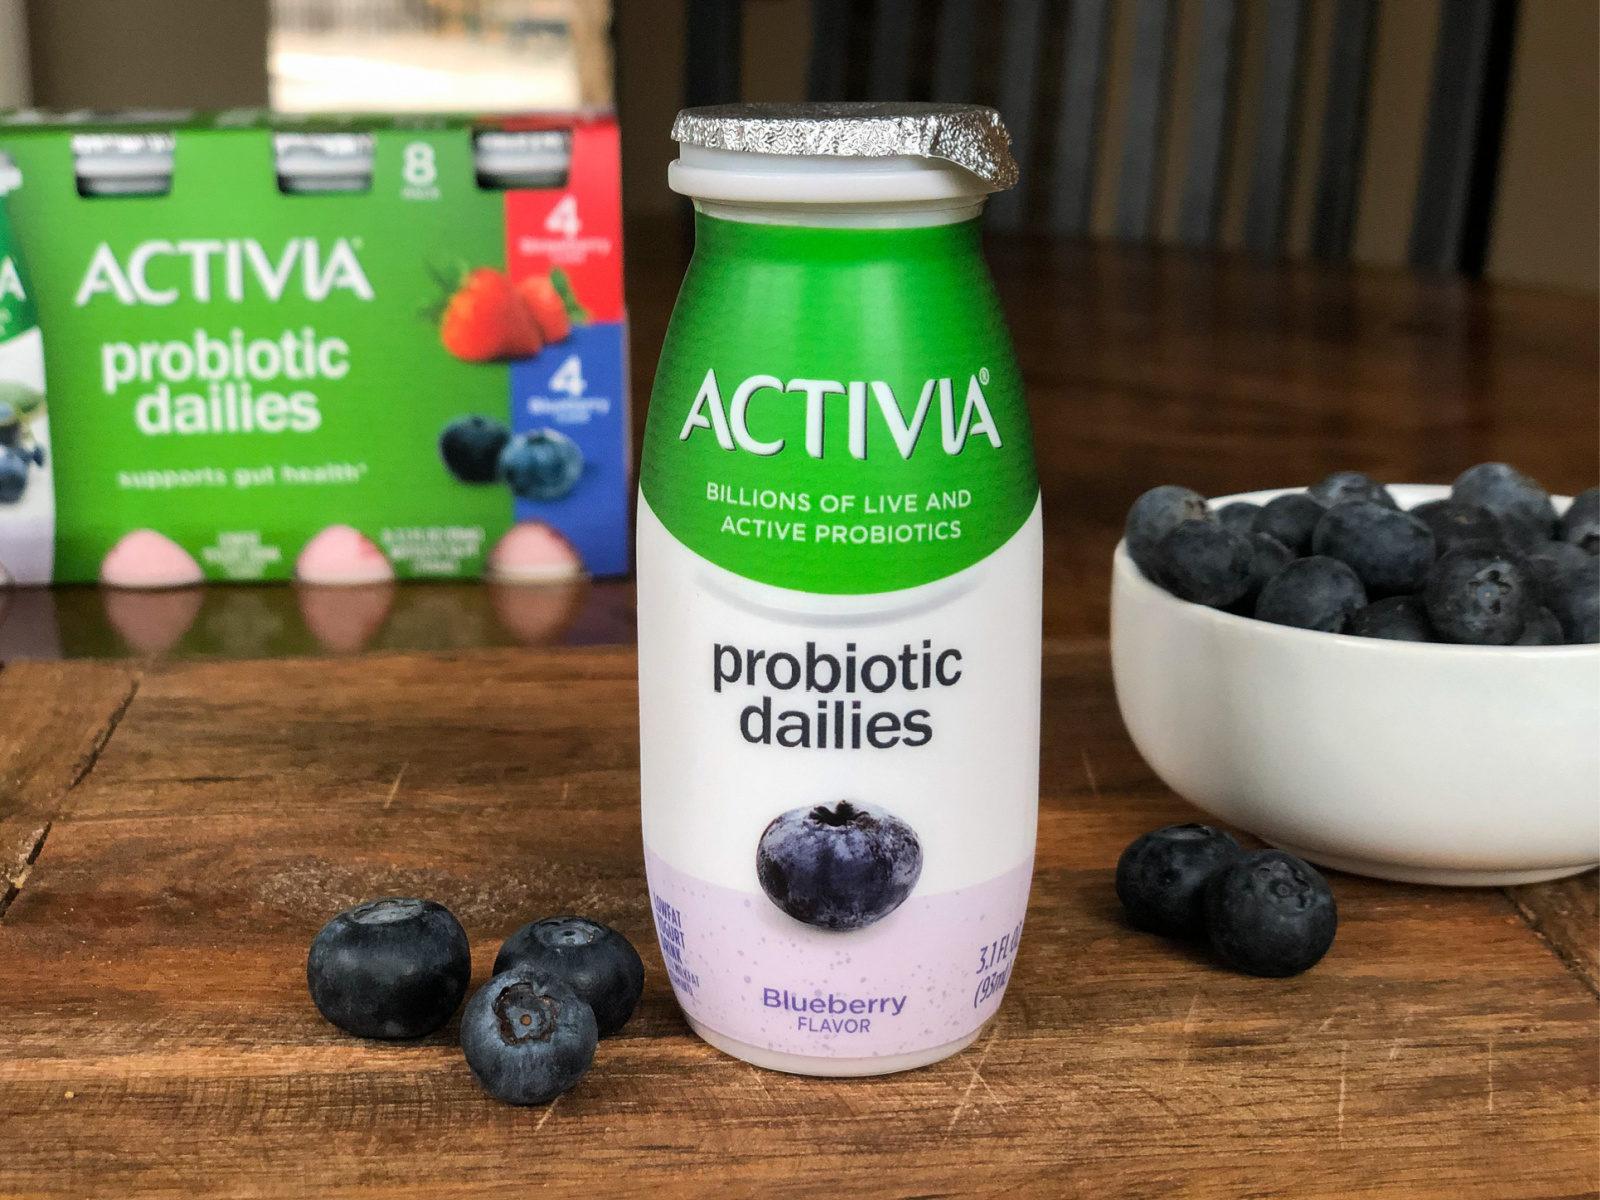 Dannon Activia Probiotic Dailies 8-Pack Only 65¢ At Publix (8¢ Per Serving) on I Heart Publix